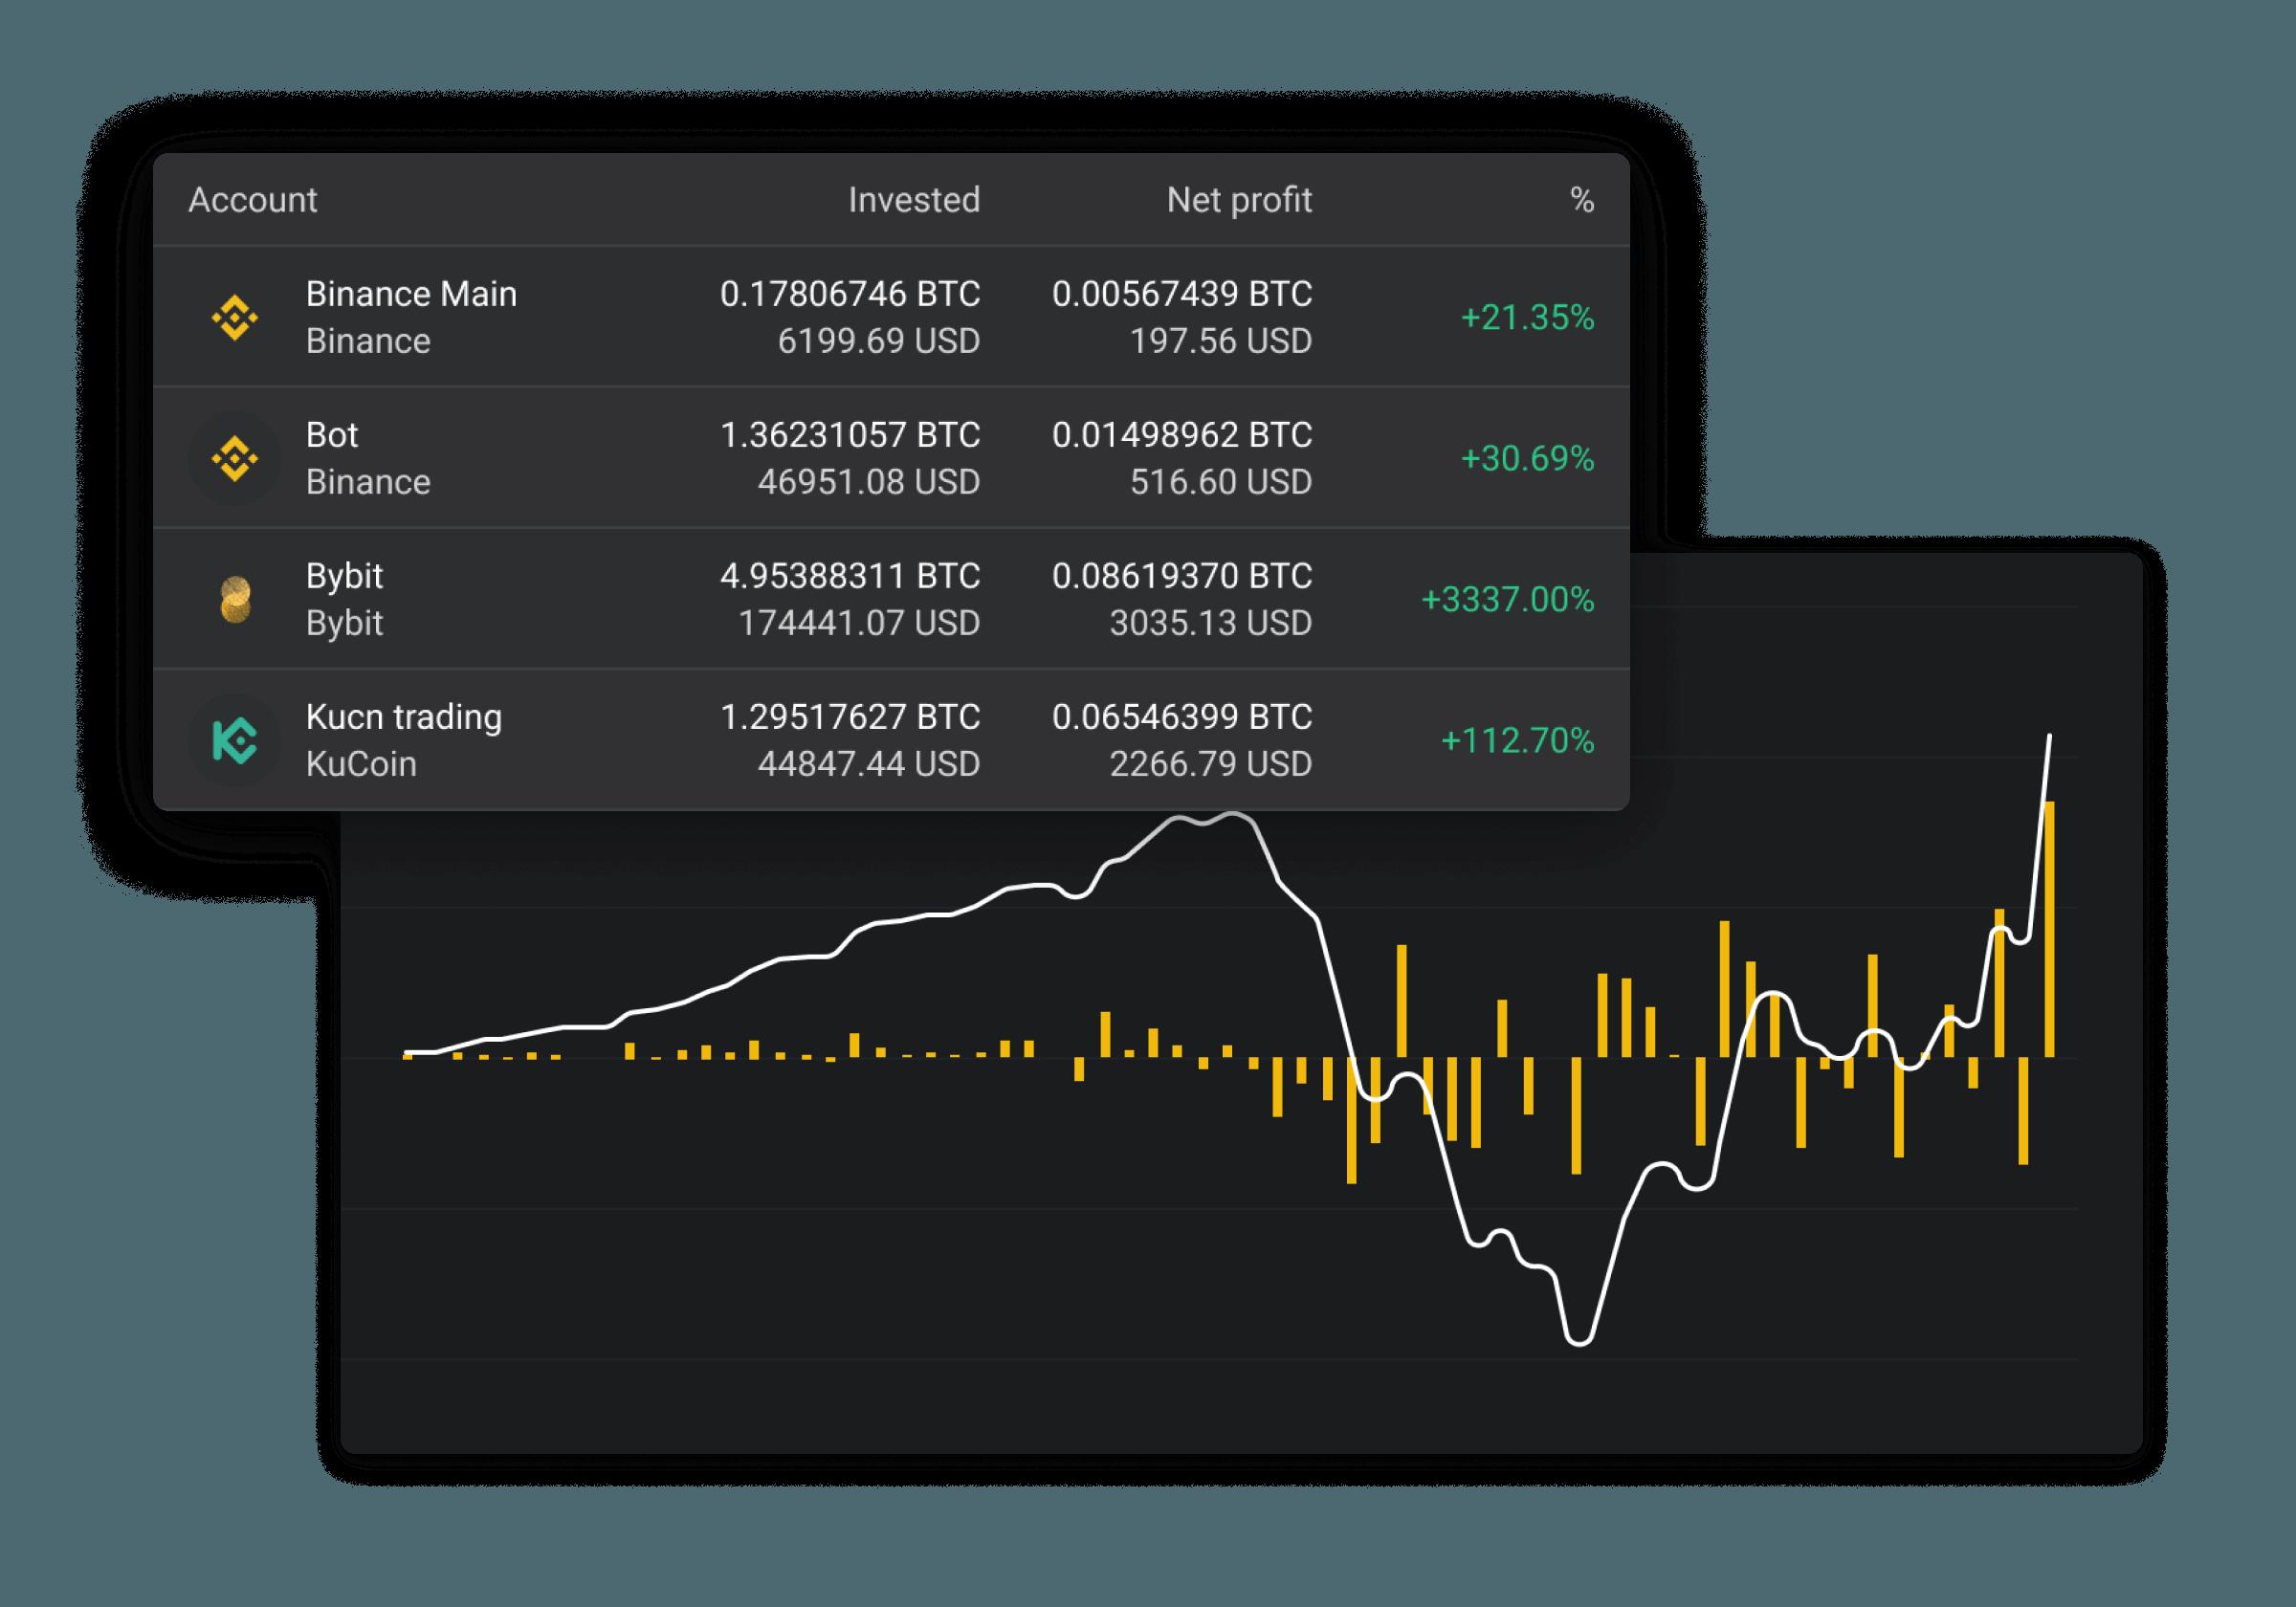 Trading analytics: coinigy vs altrady